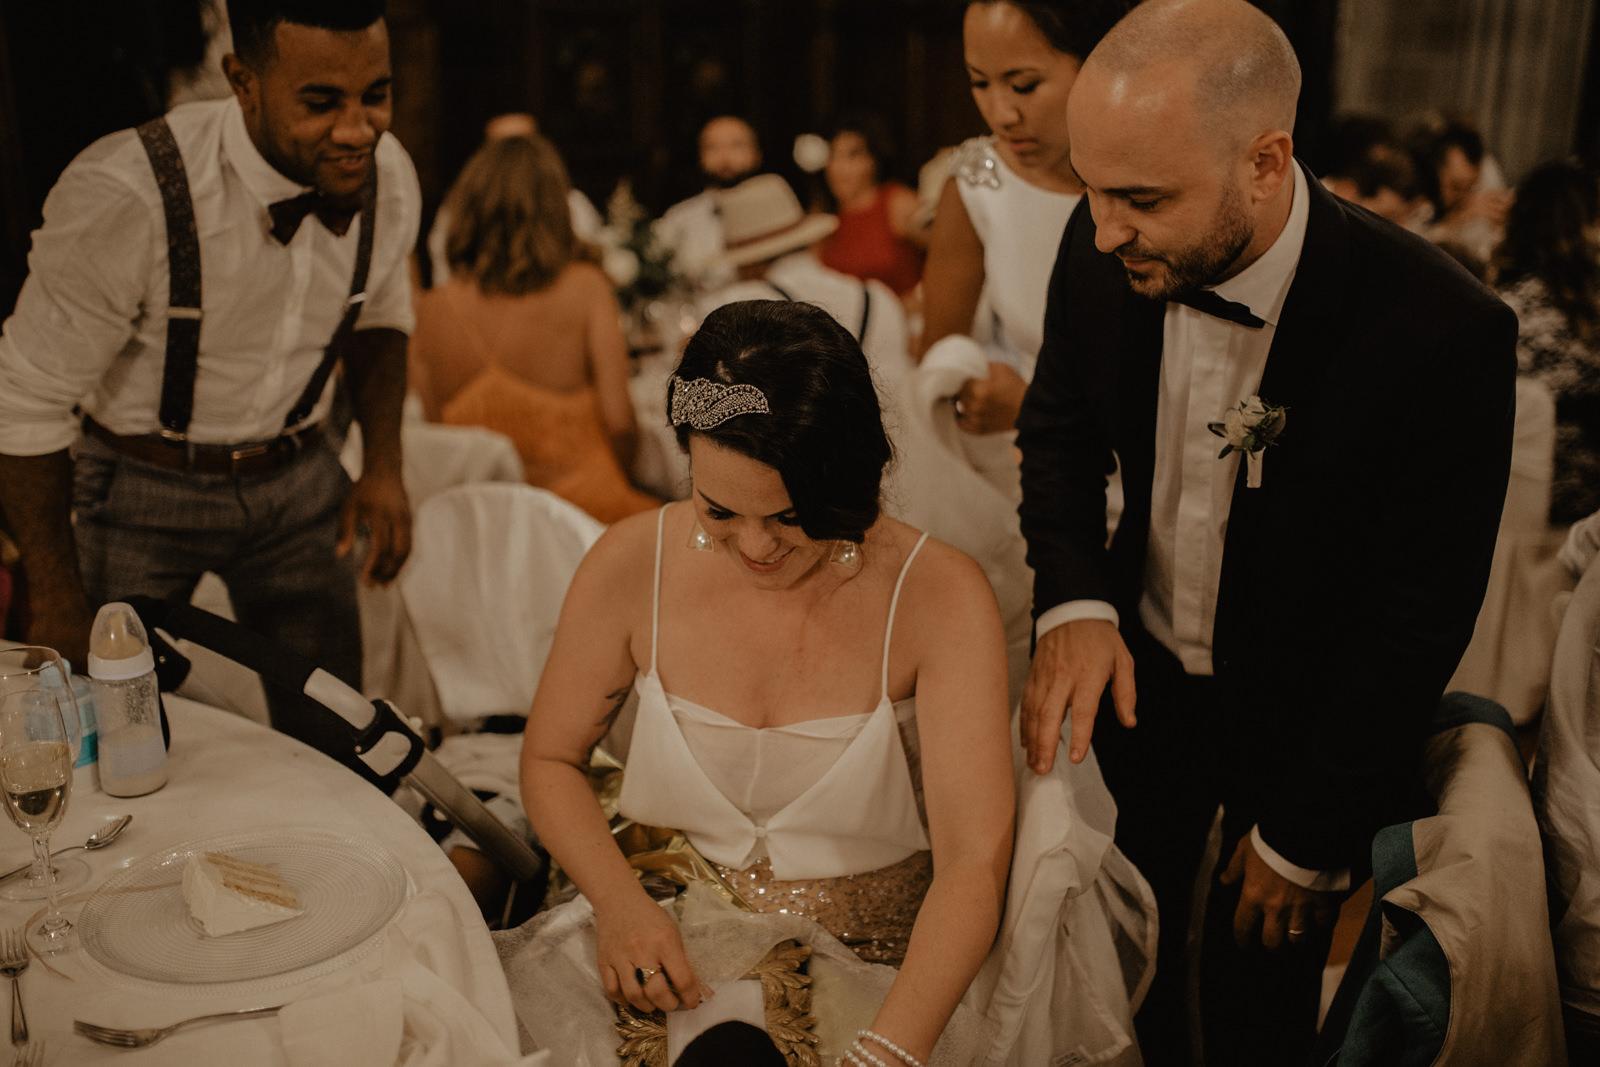 thenortherngirlphotography_photography_thenortherngirl_rebeccascabros_wedding_weddingphotography_weddingphotographer_barcelona_bodaenlabaronia_labaronia_japanesewedding_destinationwedding_shokoalbert-893.jpg